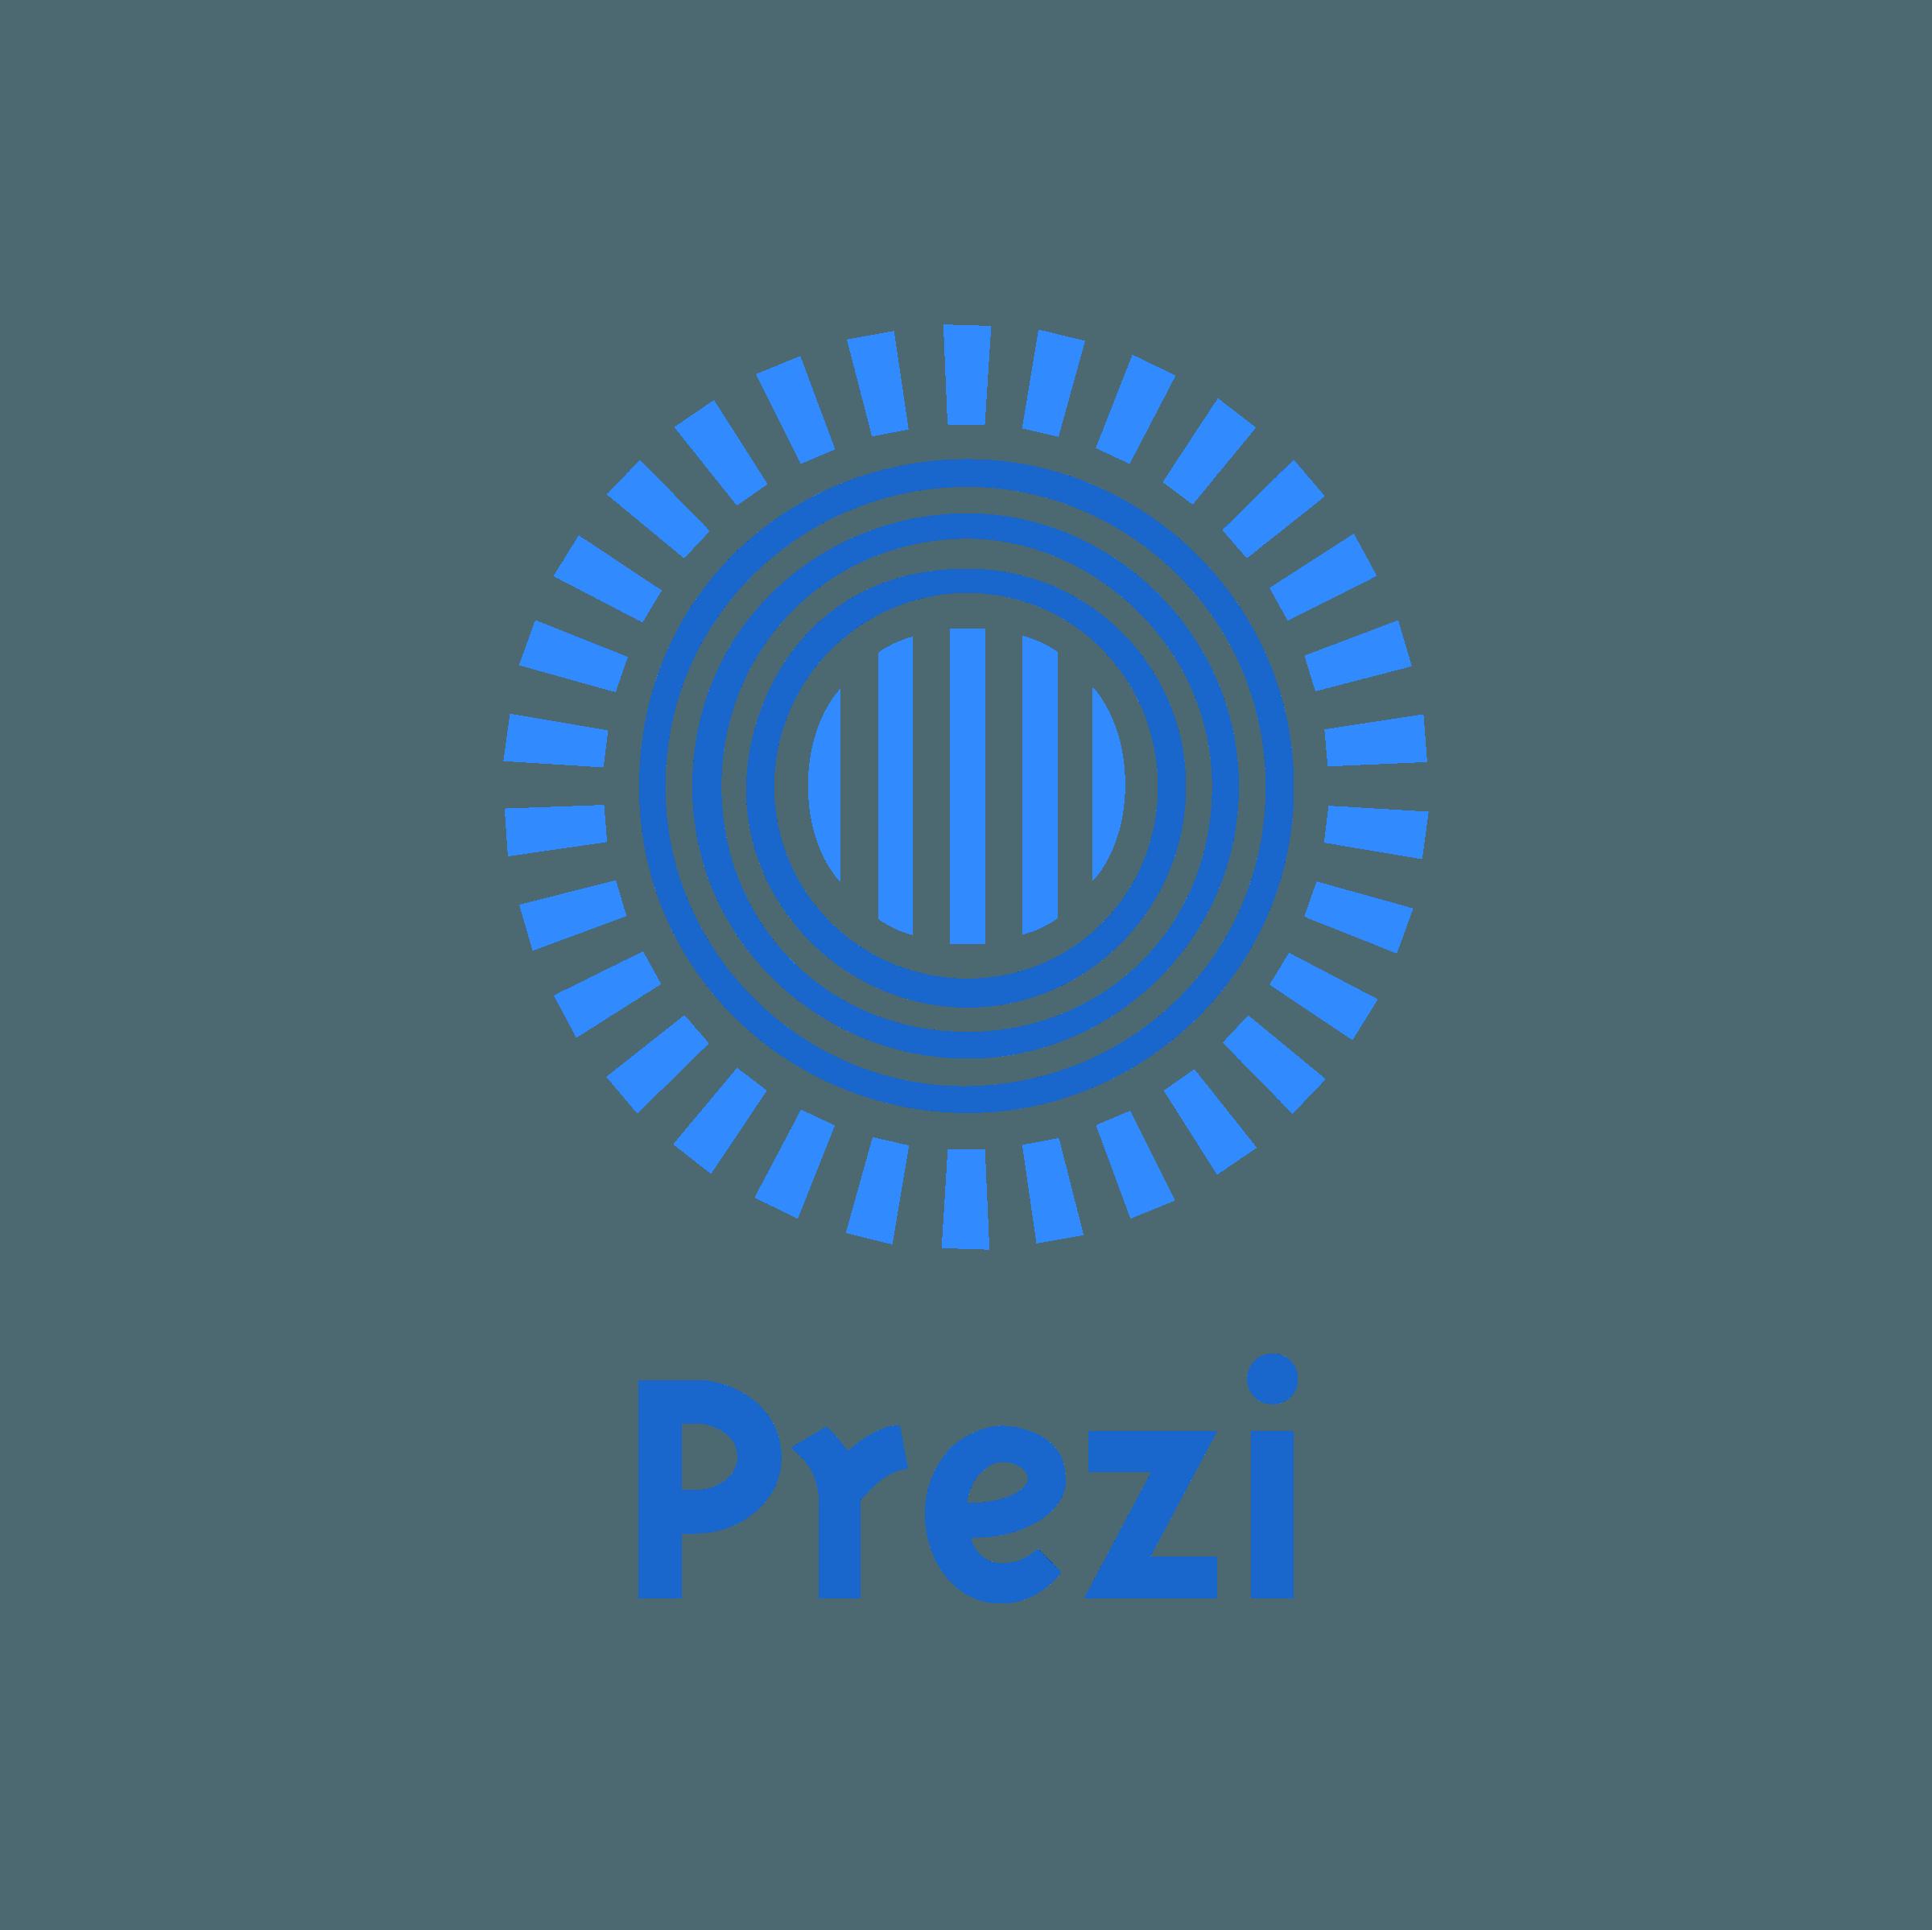 Résultats de recherche d'images pour «prezi logo»